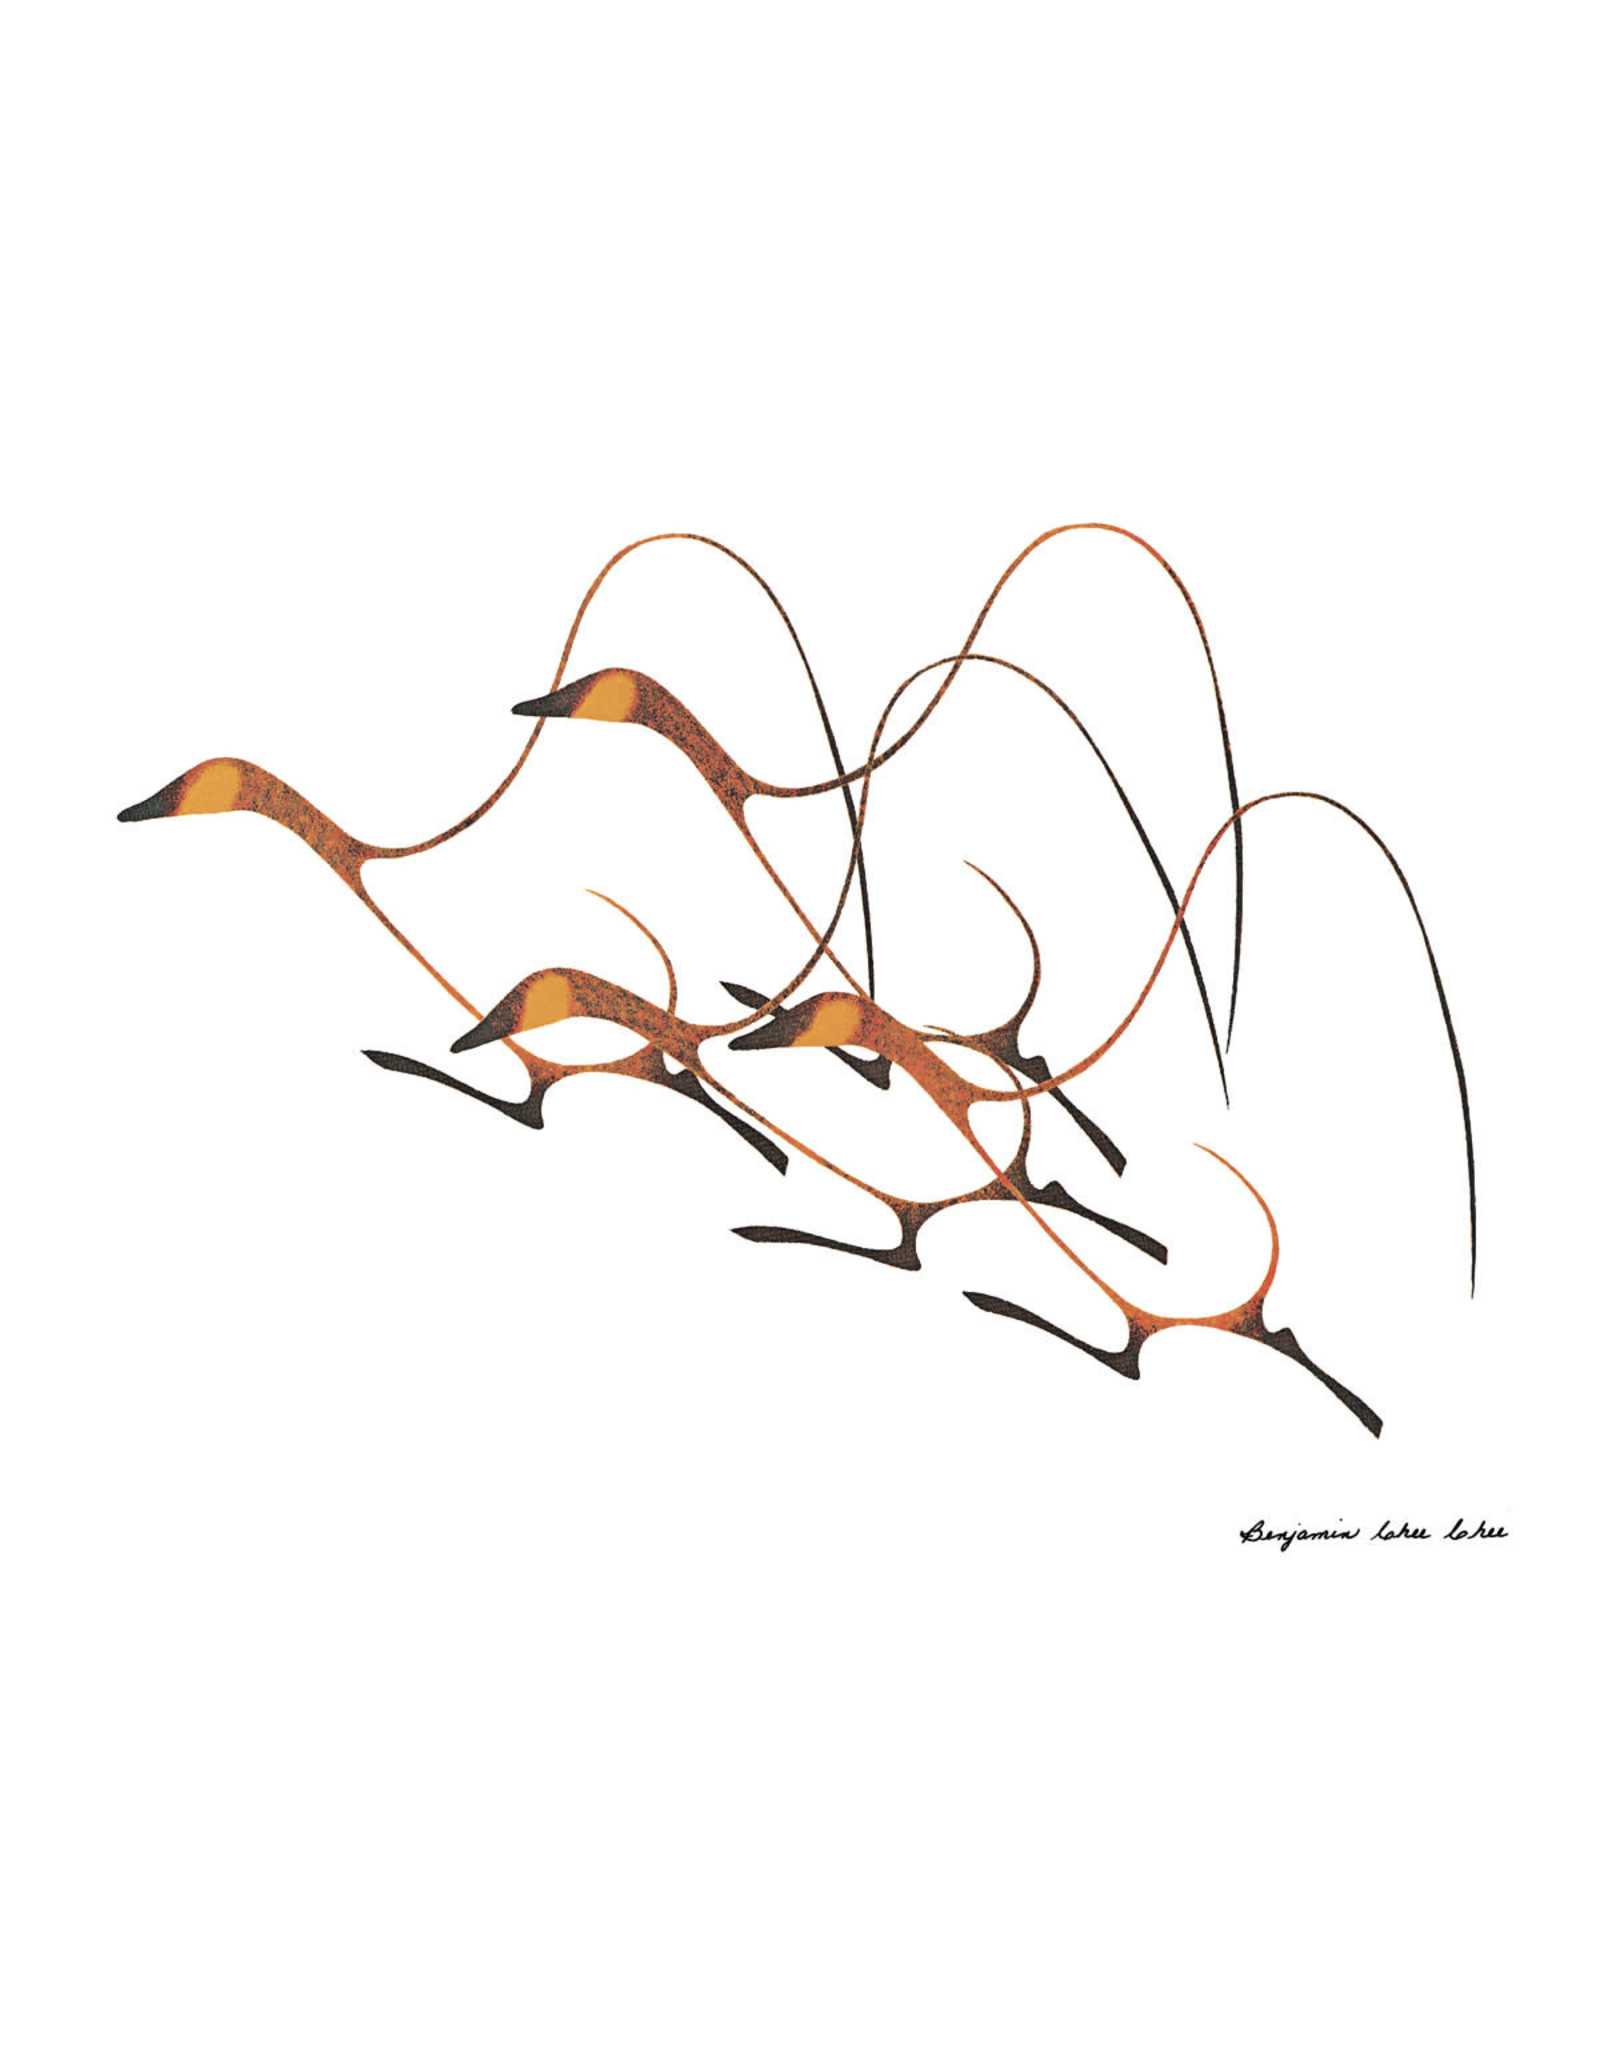 Autumn Flight par Chee Chee Édition Limitée Encadrée